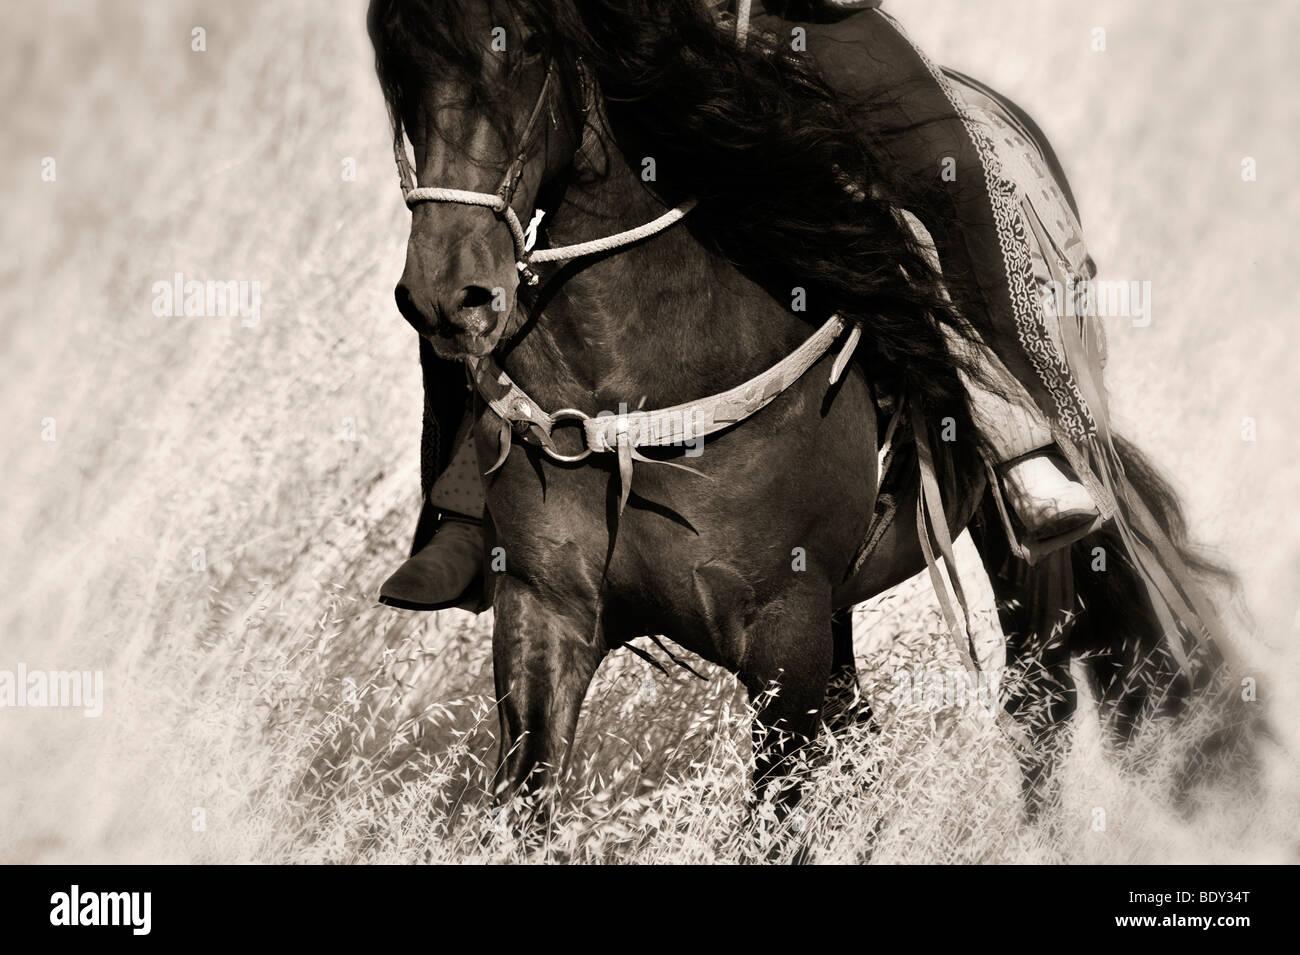 Charro Rider à cheval Photo Stock